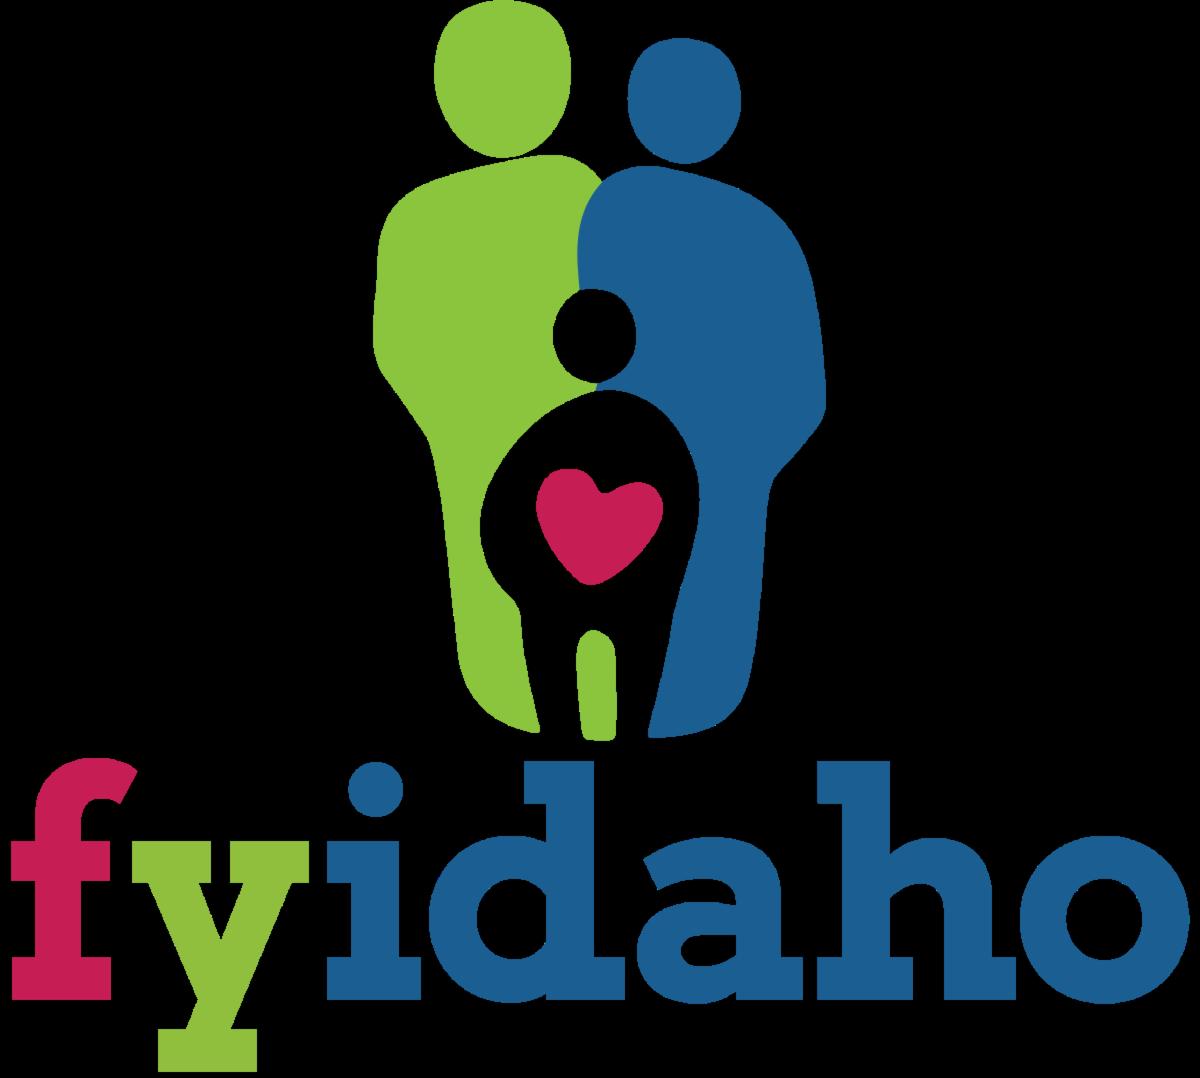 FYIdaho_logo_V.png